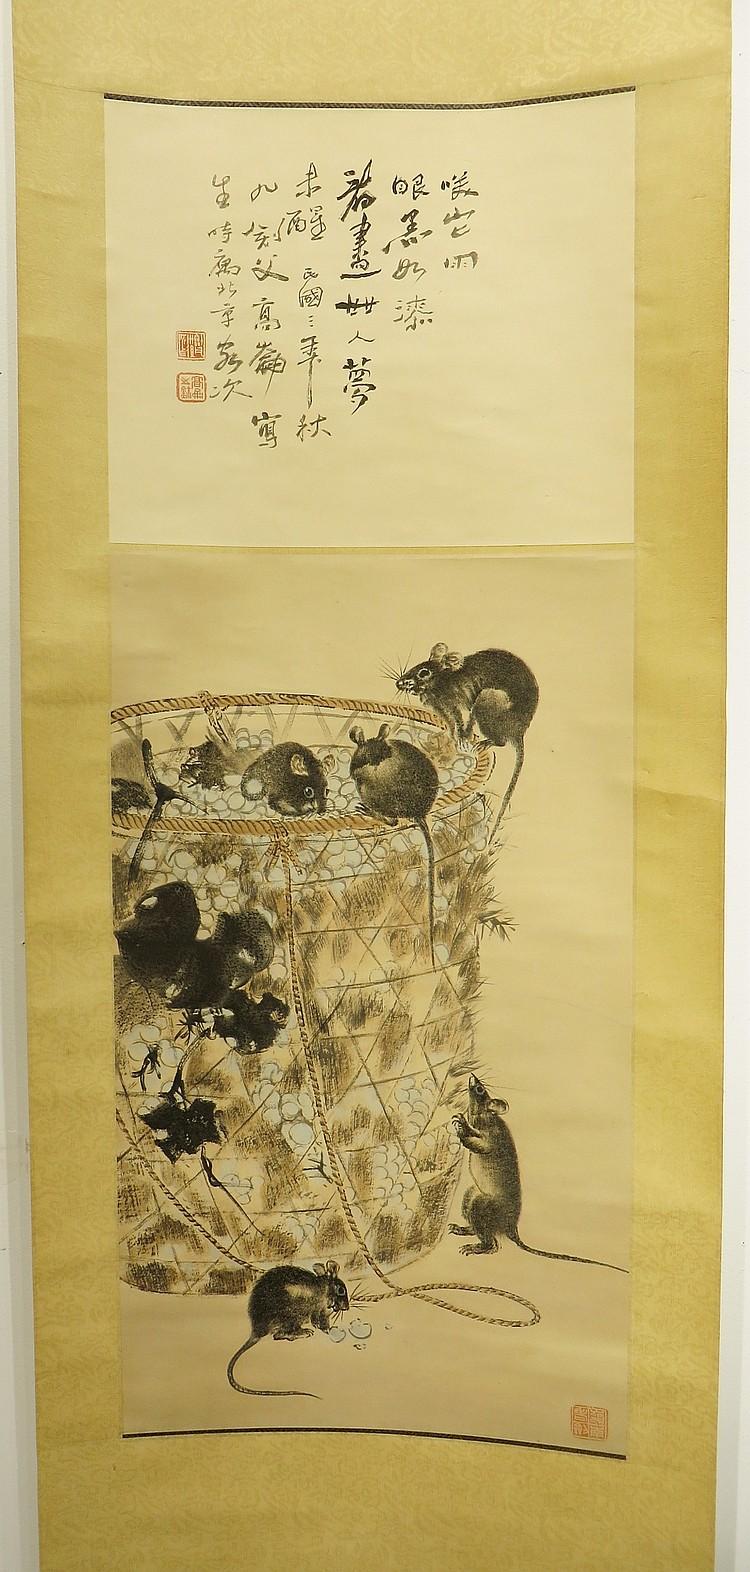 SCROLL OF RATS ATTR GAO JIANFU (1879-1951)